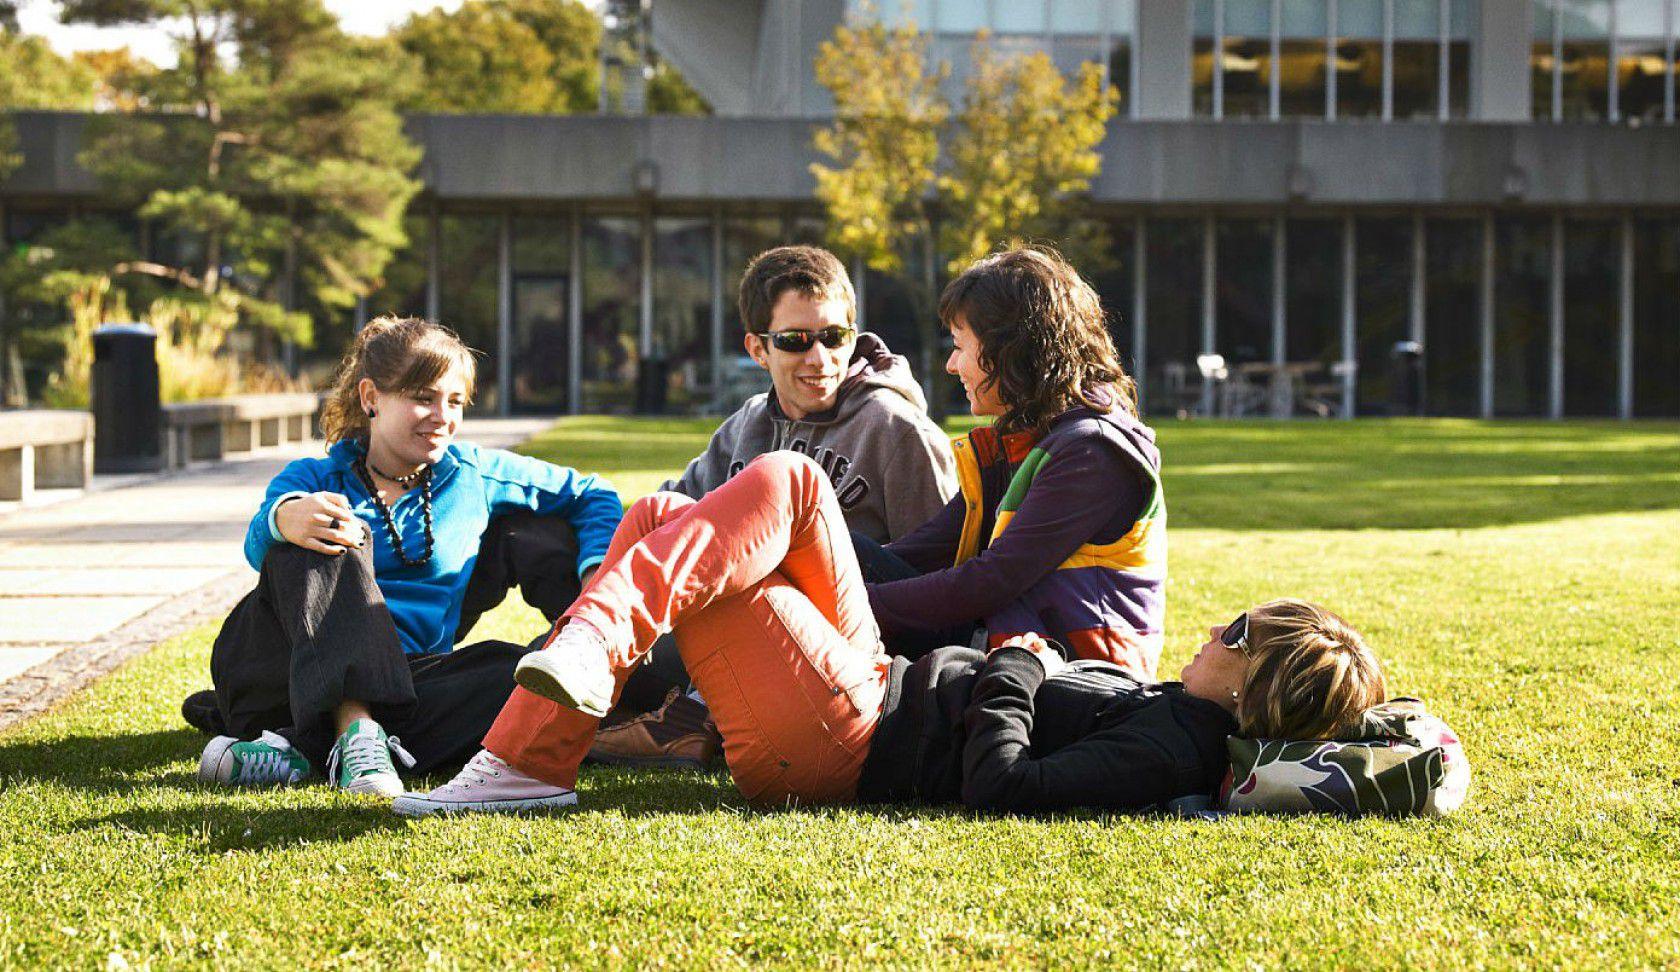 İsviçre Pully-Lausanne ve Nyon'da Özel Yatılı Lise Eğitimi ve Kampüs